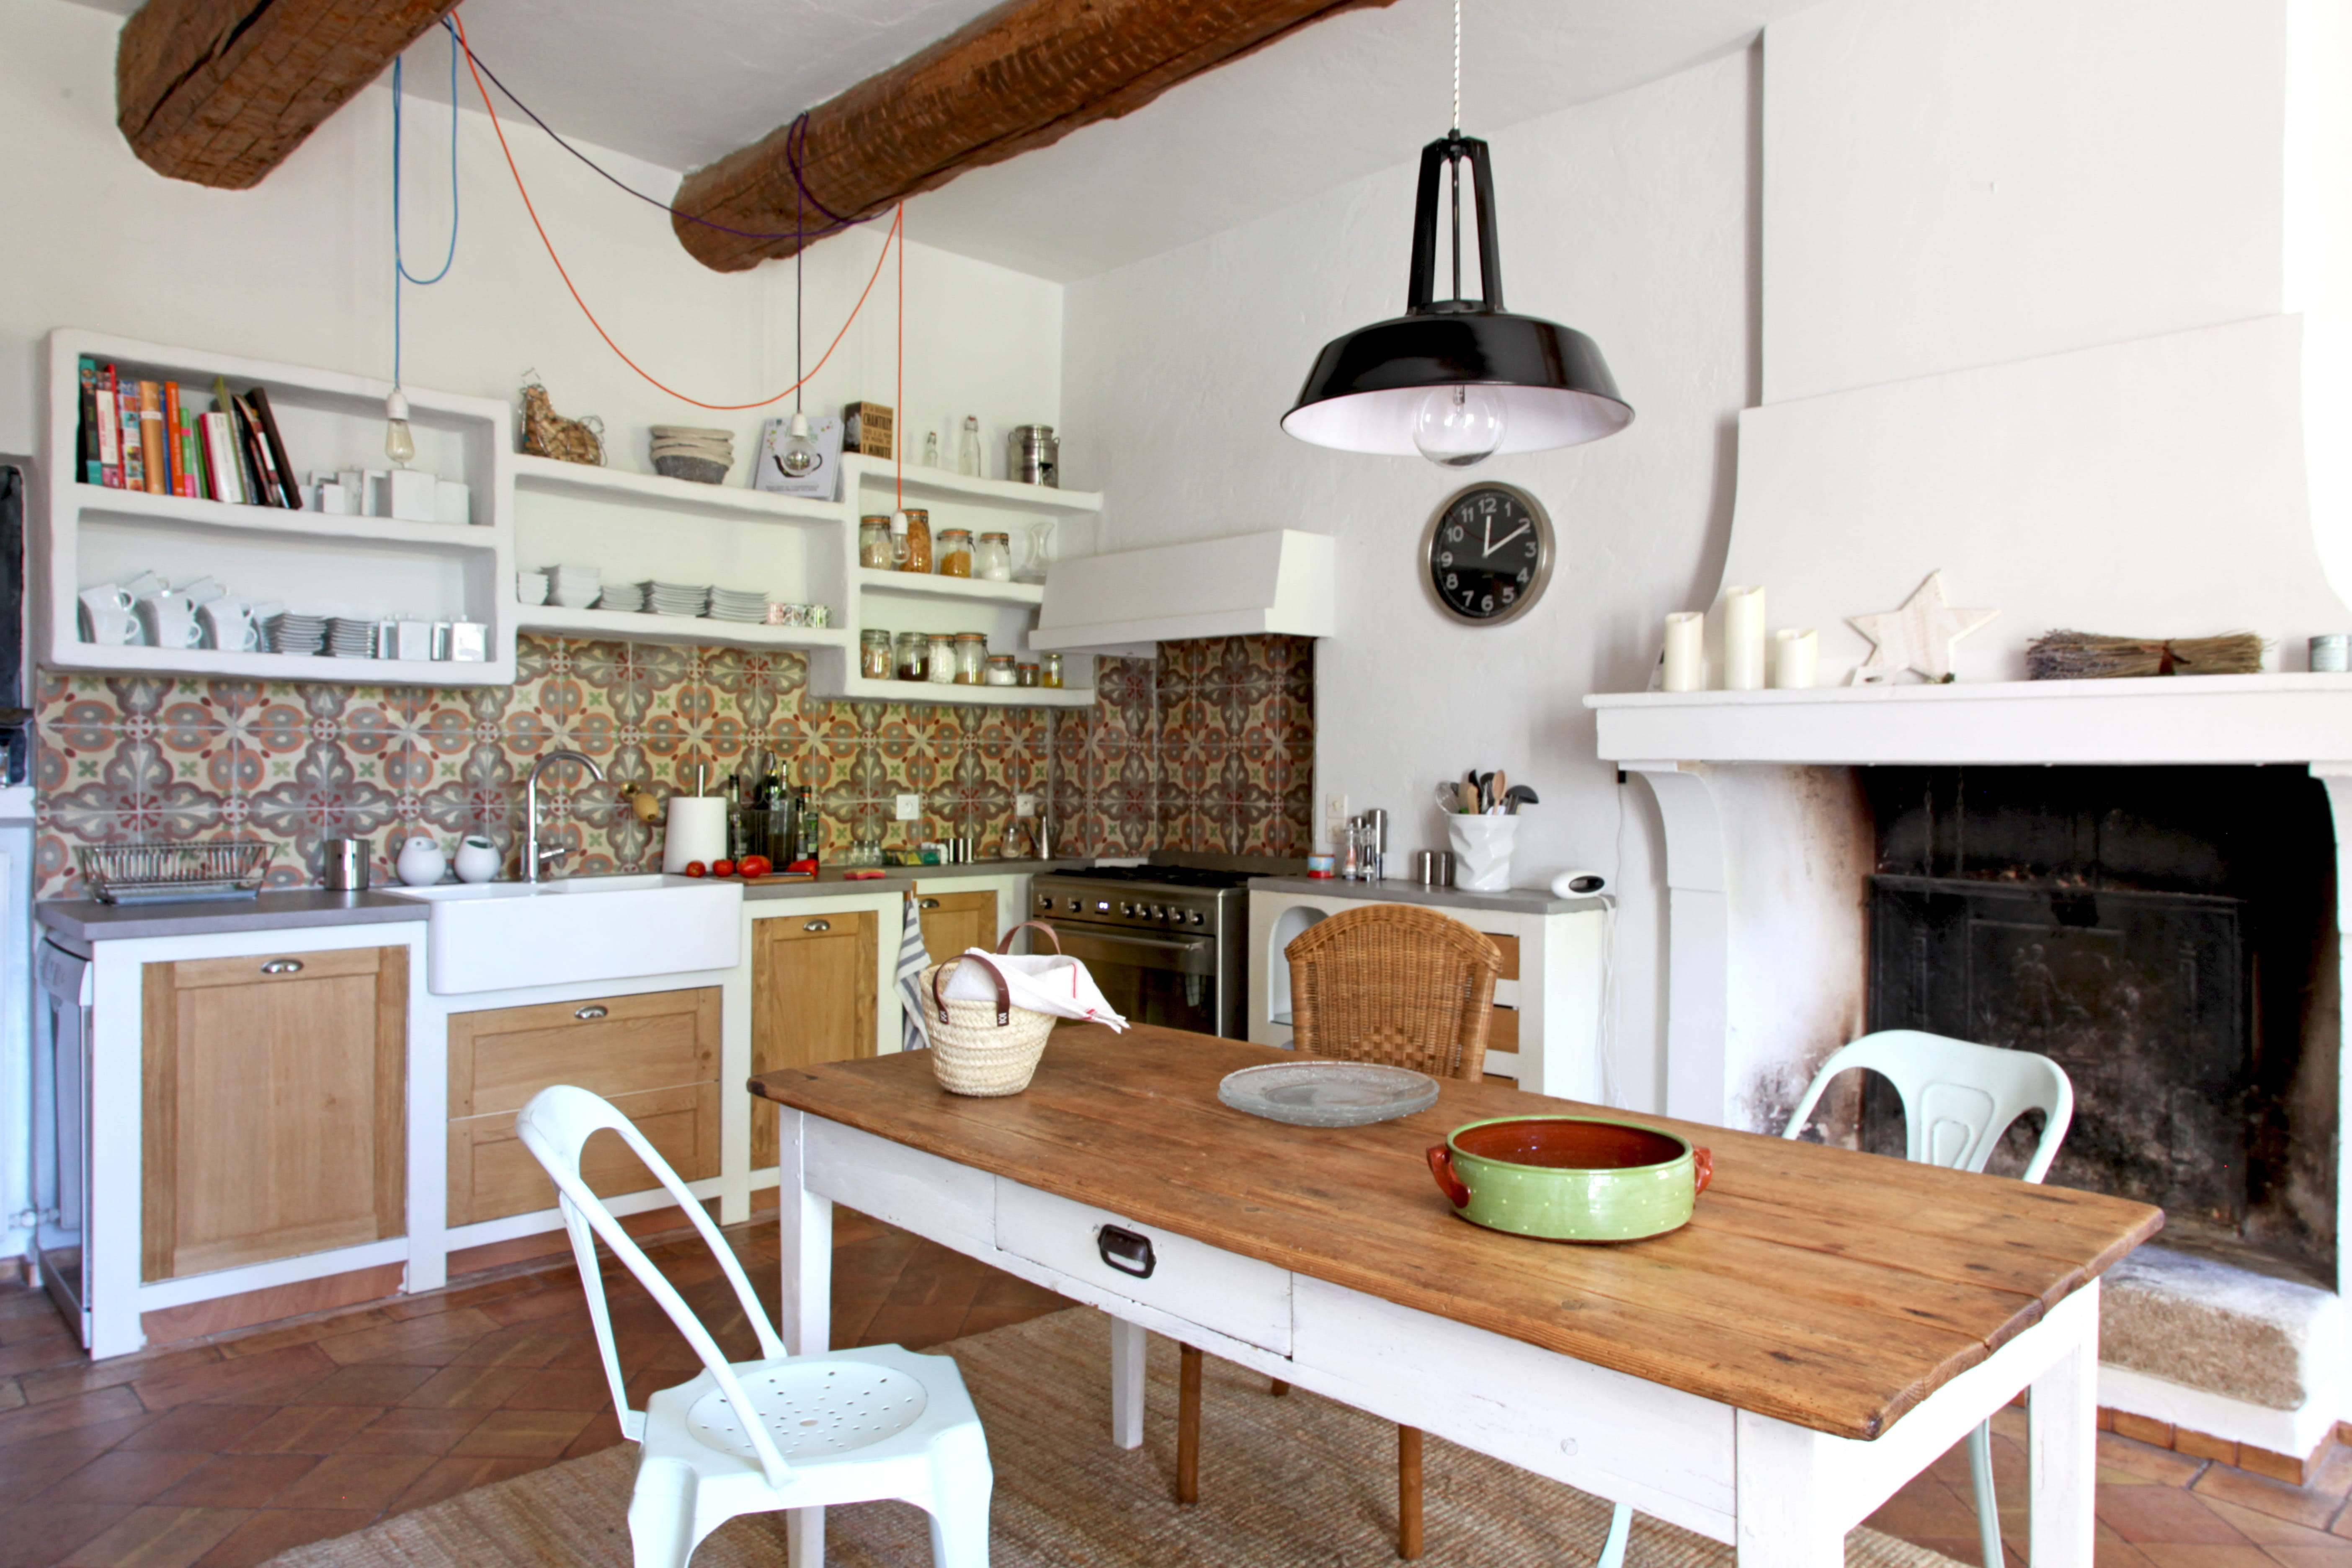 Cuisine blanche et bois donner un style maison de famille sa d co journ - Cuisine blanche en bois ...